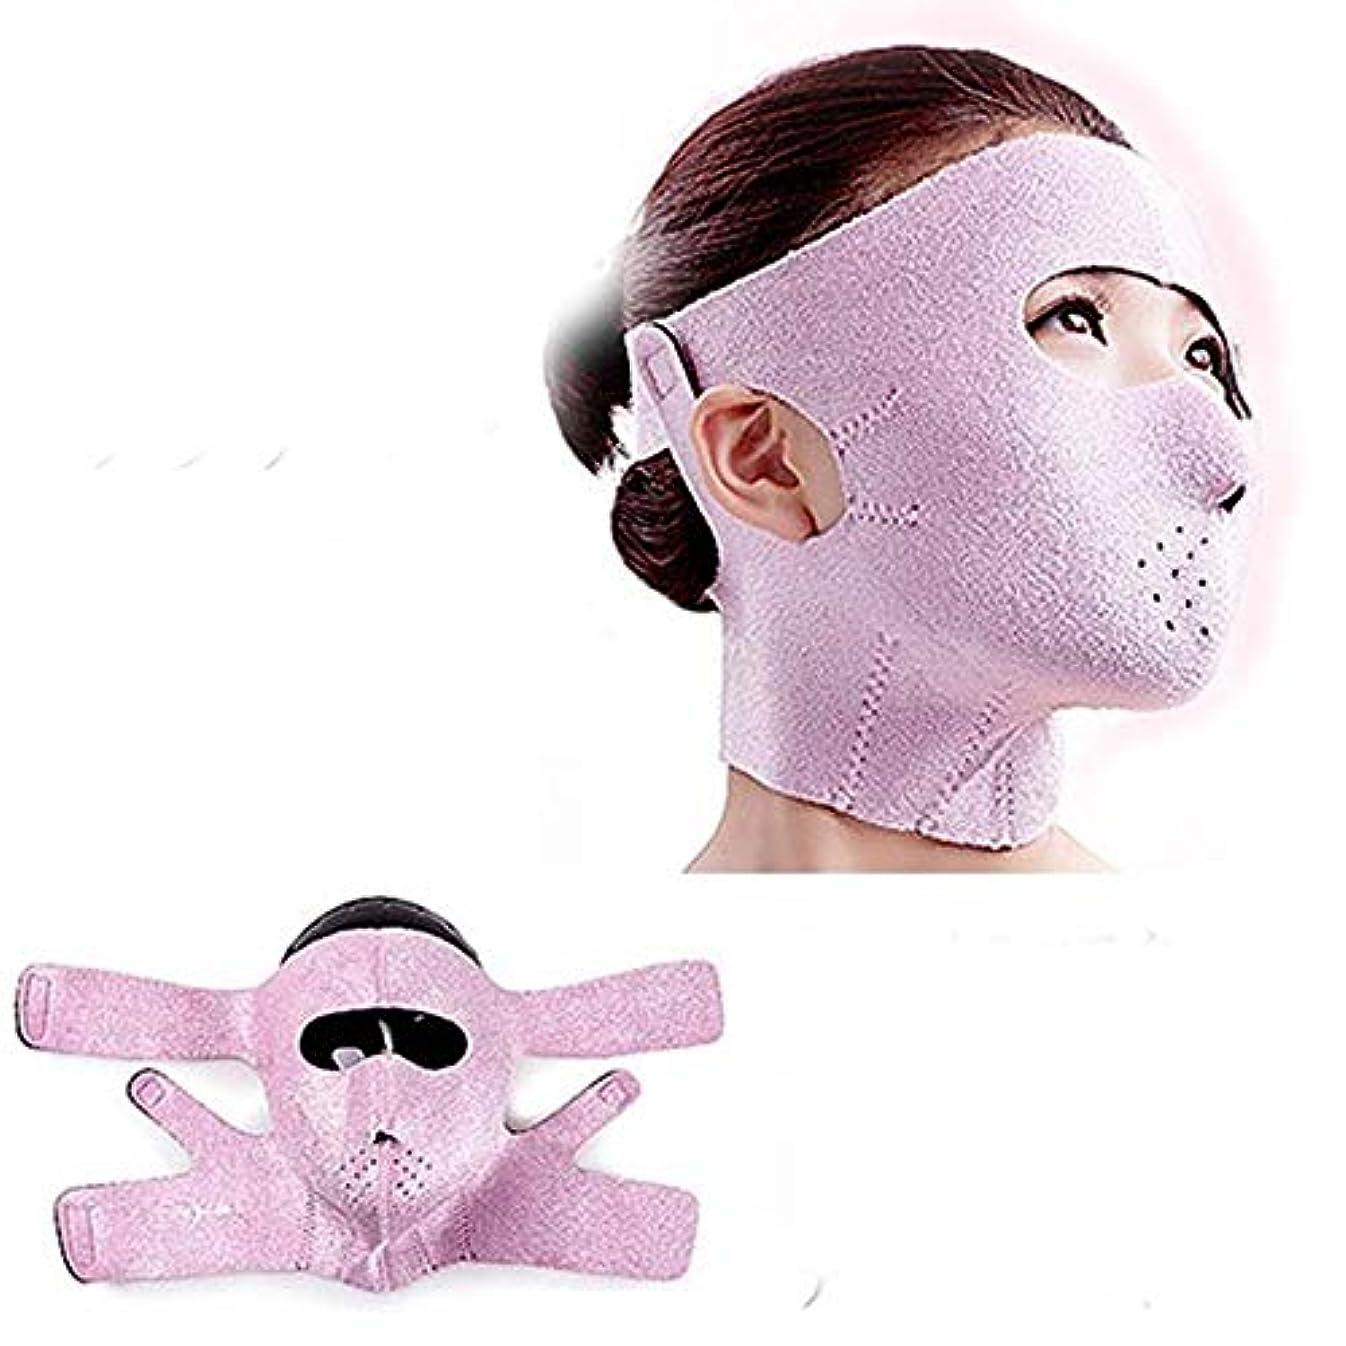 特殊耕す制限された小顔 矯正 補正 サウナ マスク サポーター 顔 リフトアップ エステ ダイエット